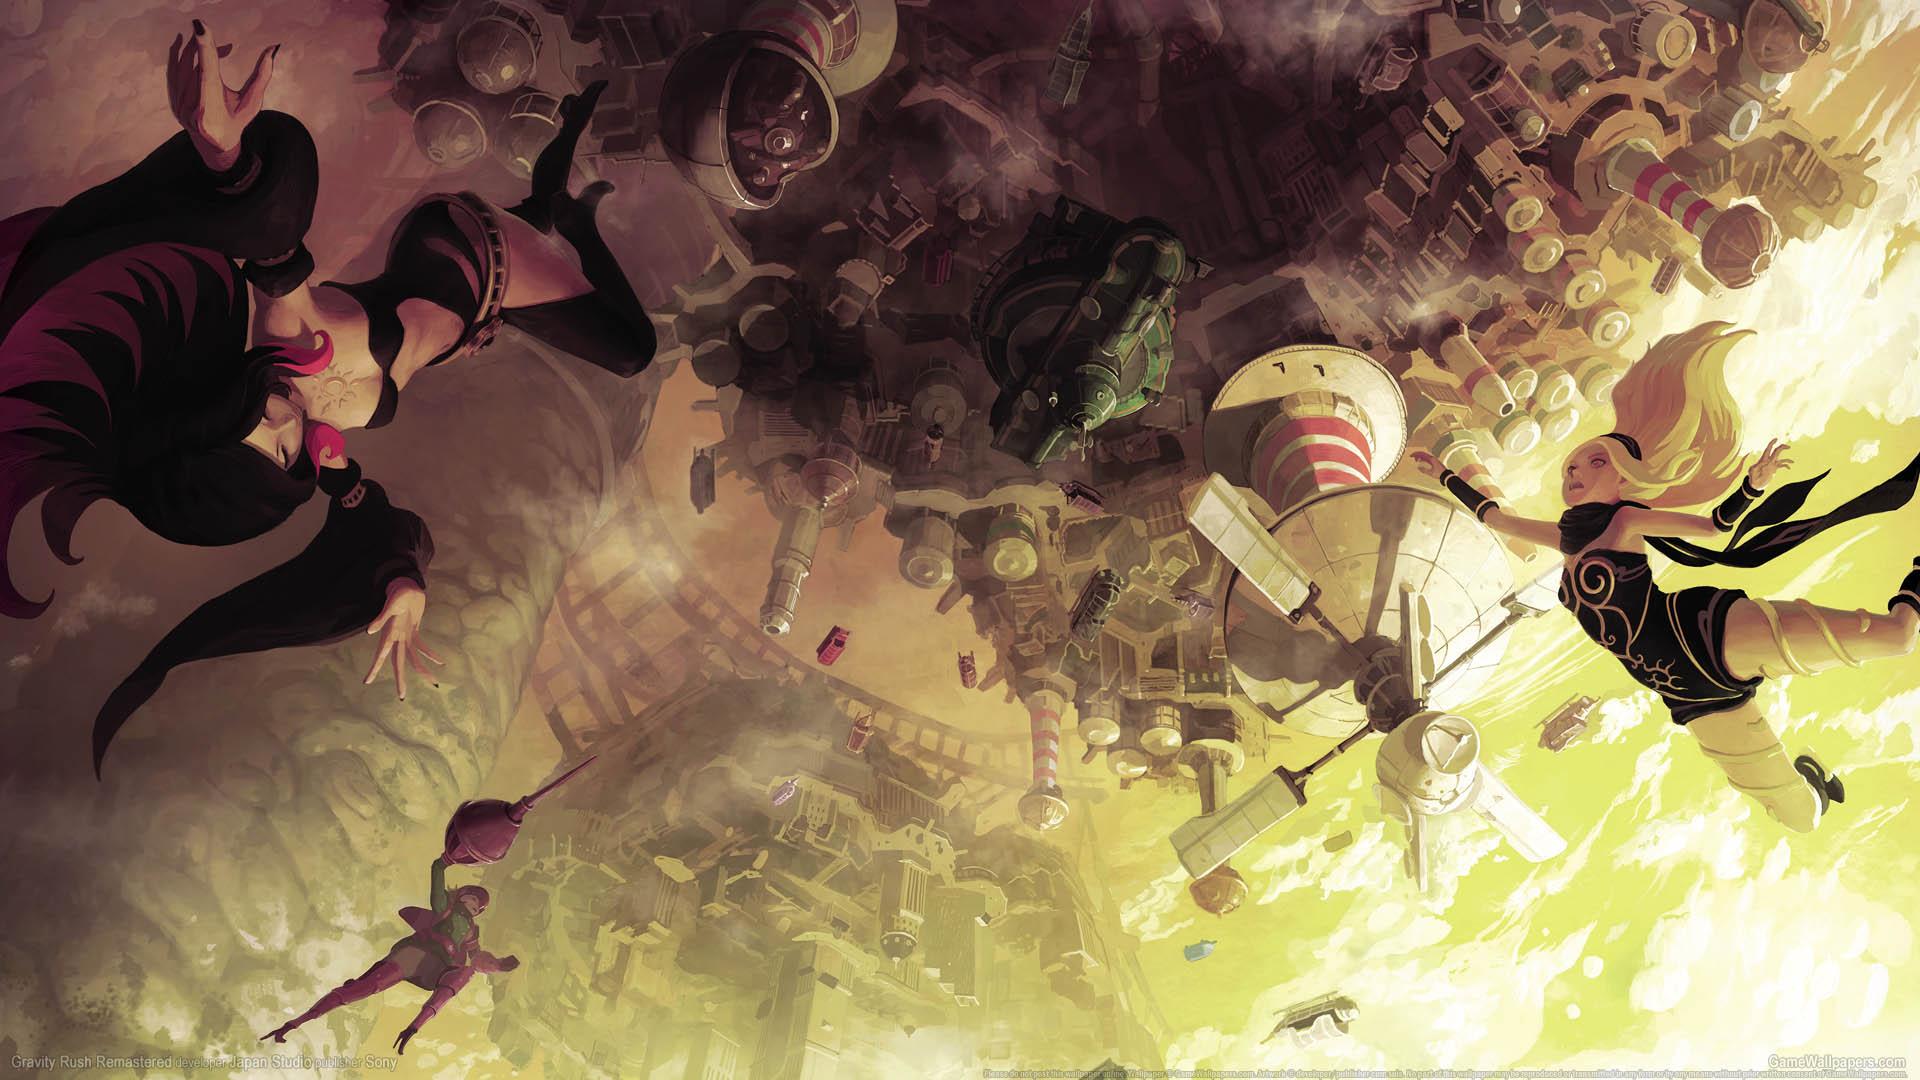 Gravity Rush Remastered wallpaper 02 1920x1080